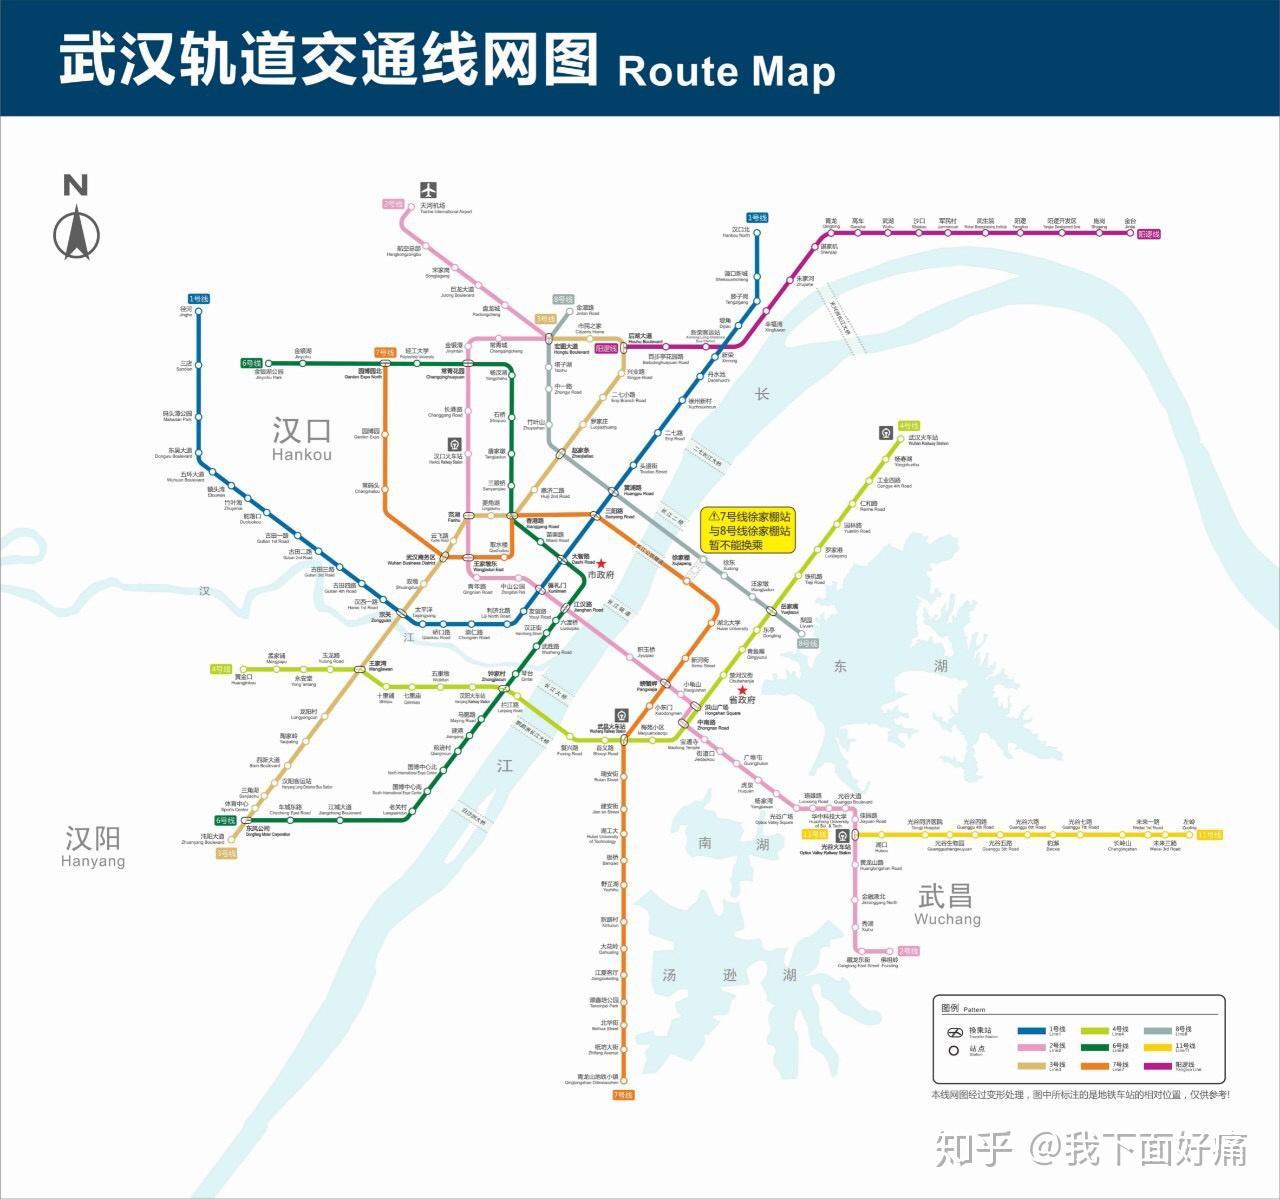 武汉地铁20号线路图_中国哪座城市的地铁体验最好? - 知乎